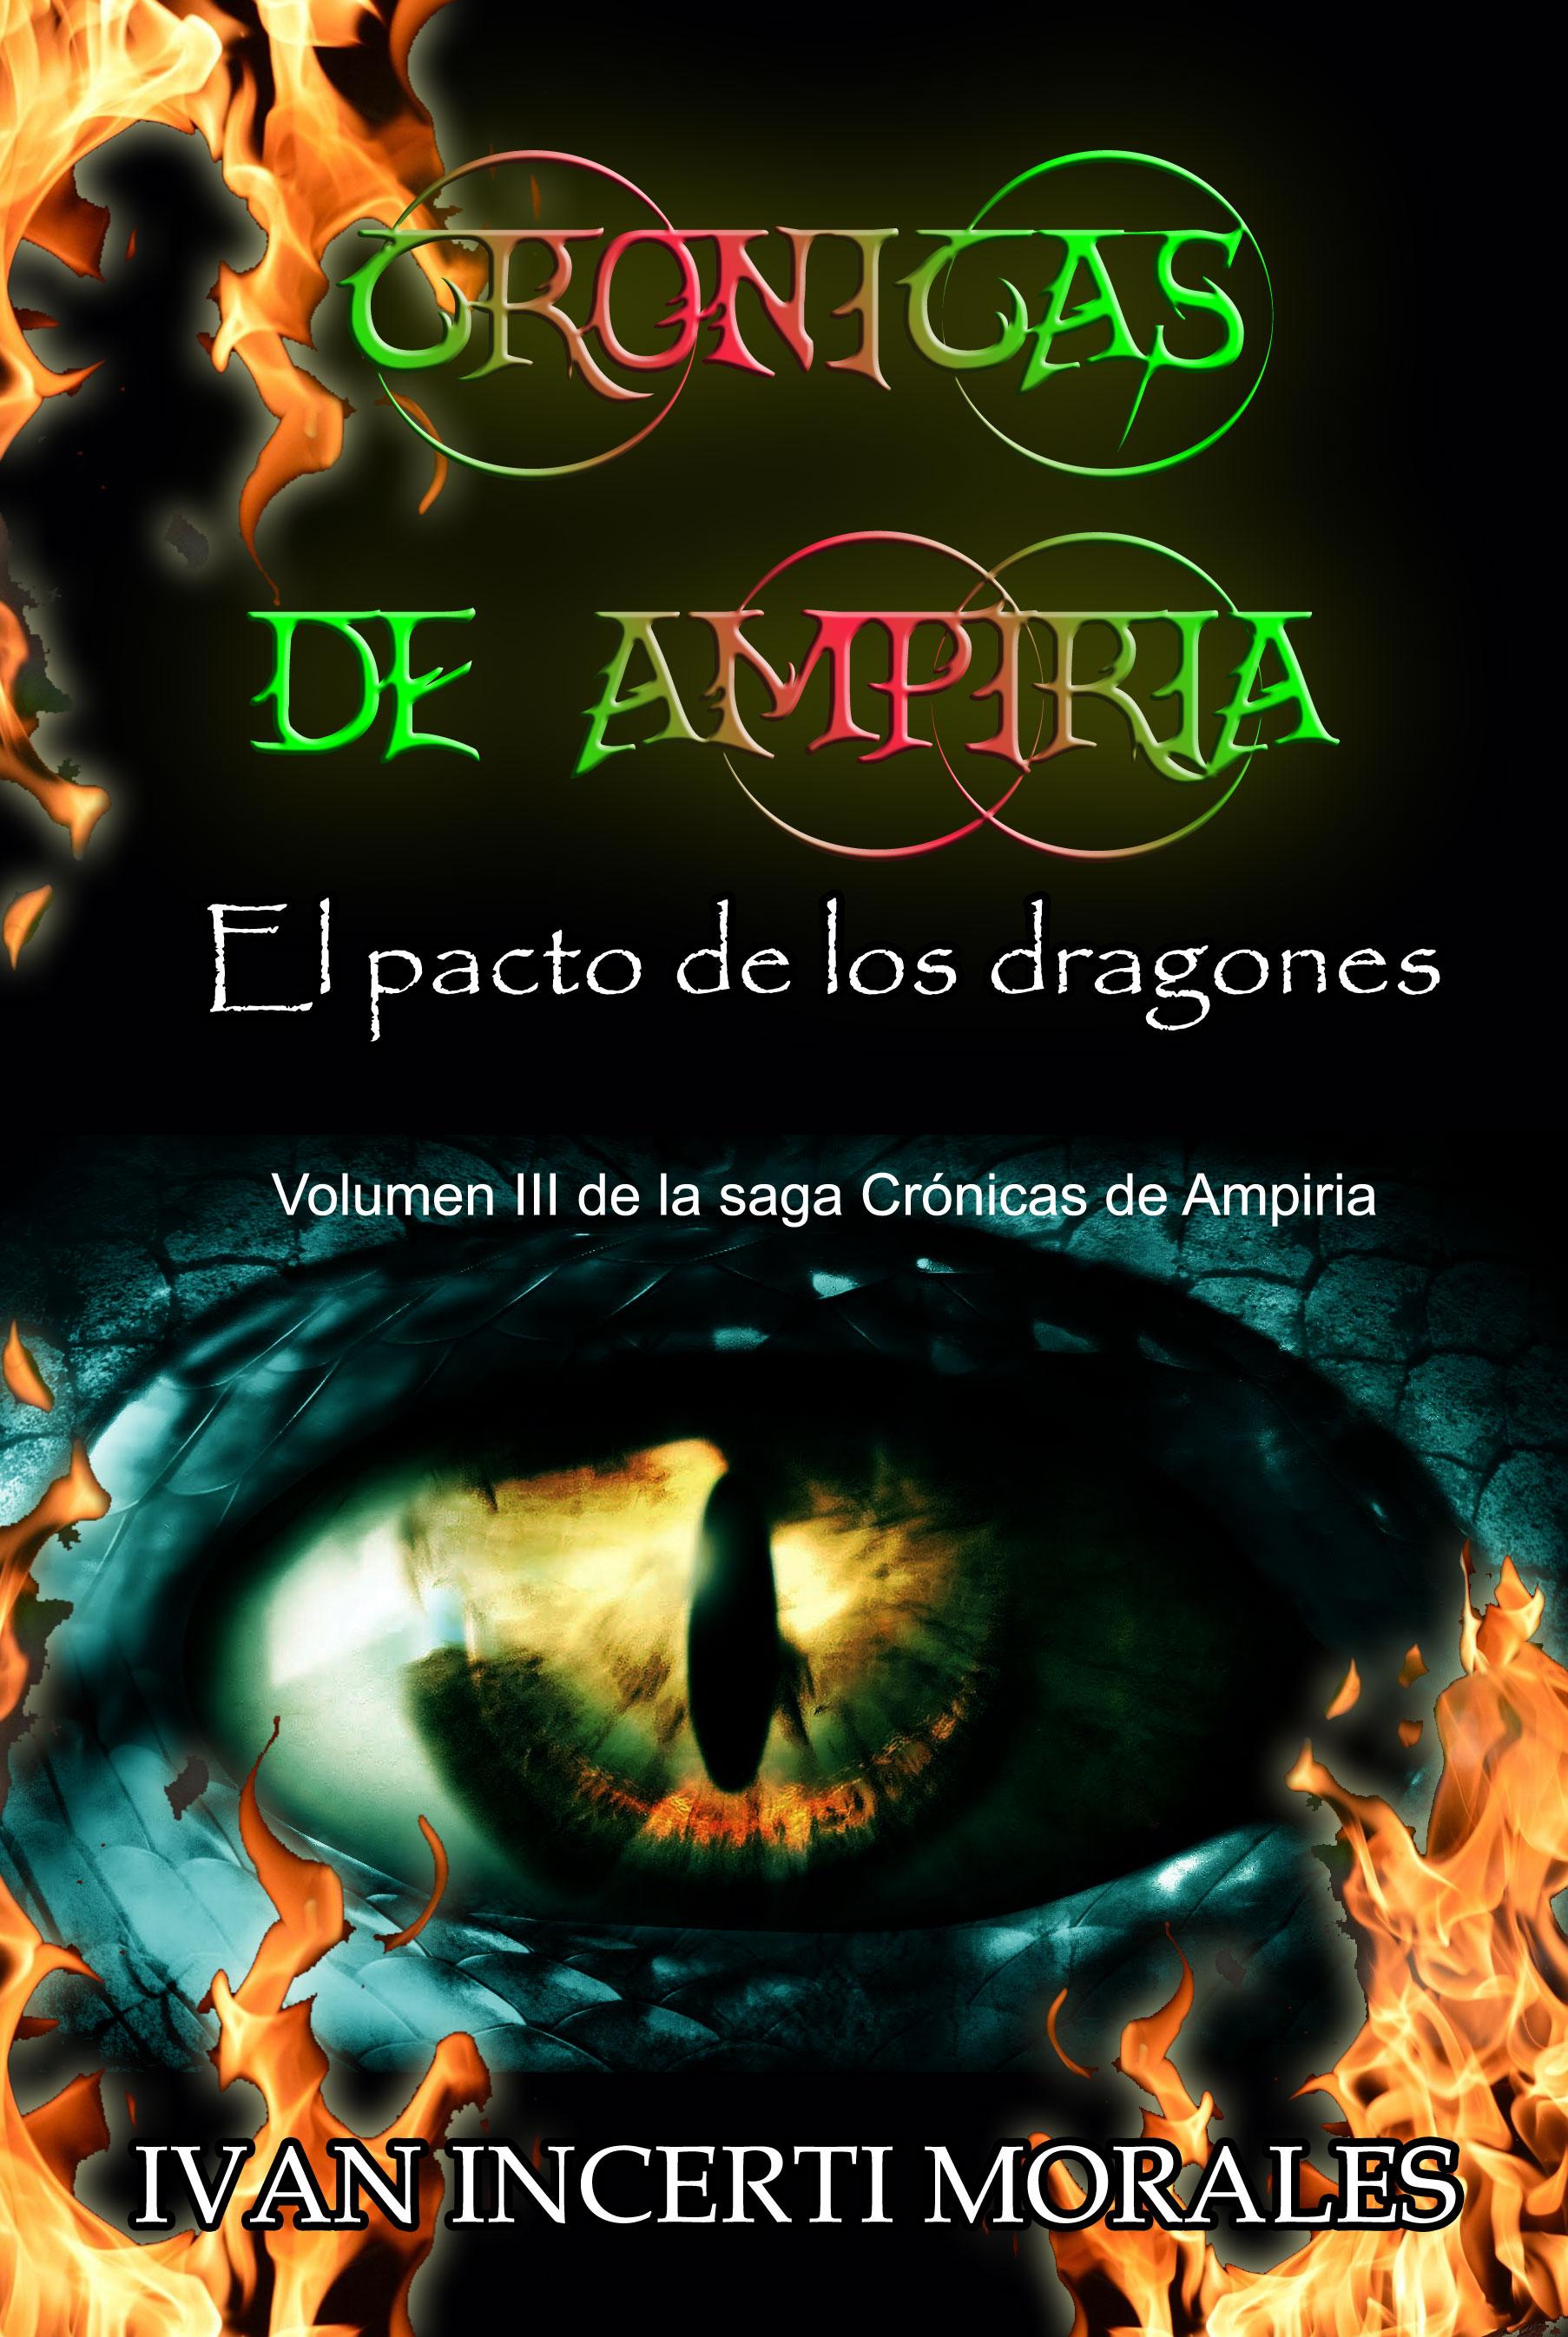 Crónicas de Ampiria: El pacto de los dragones, ya la venta